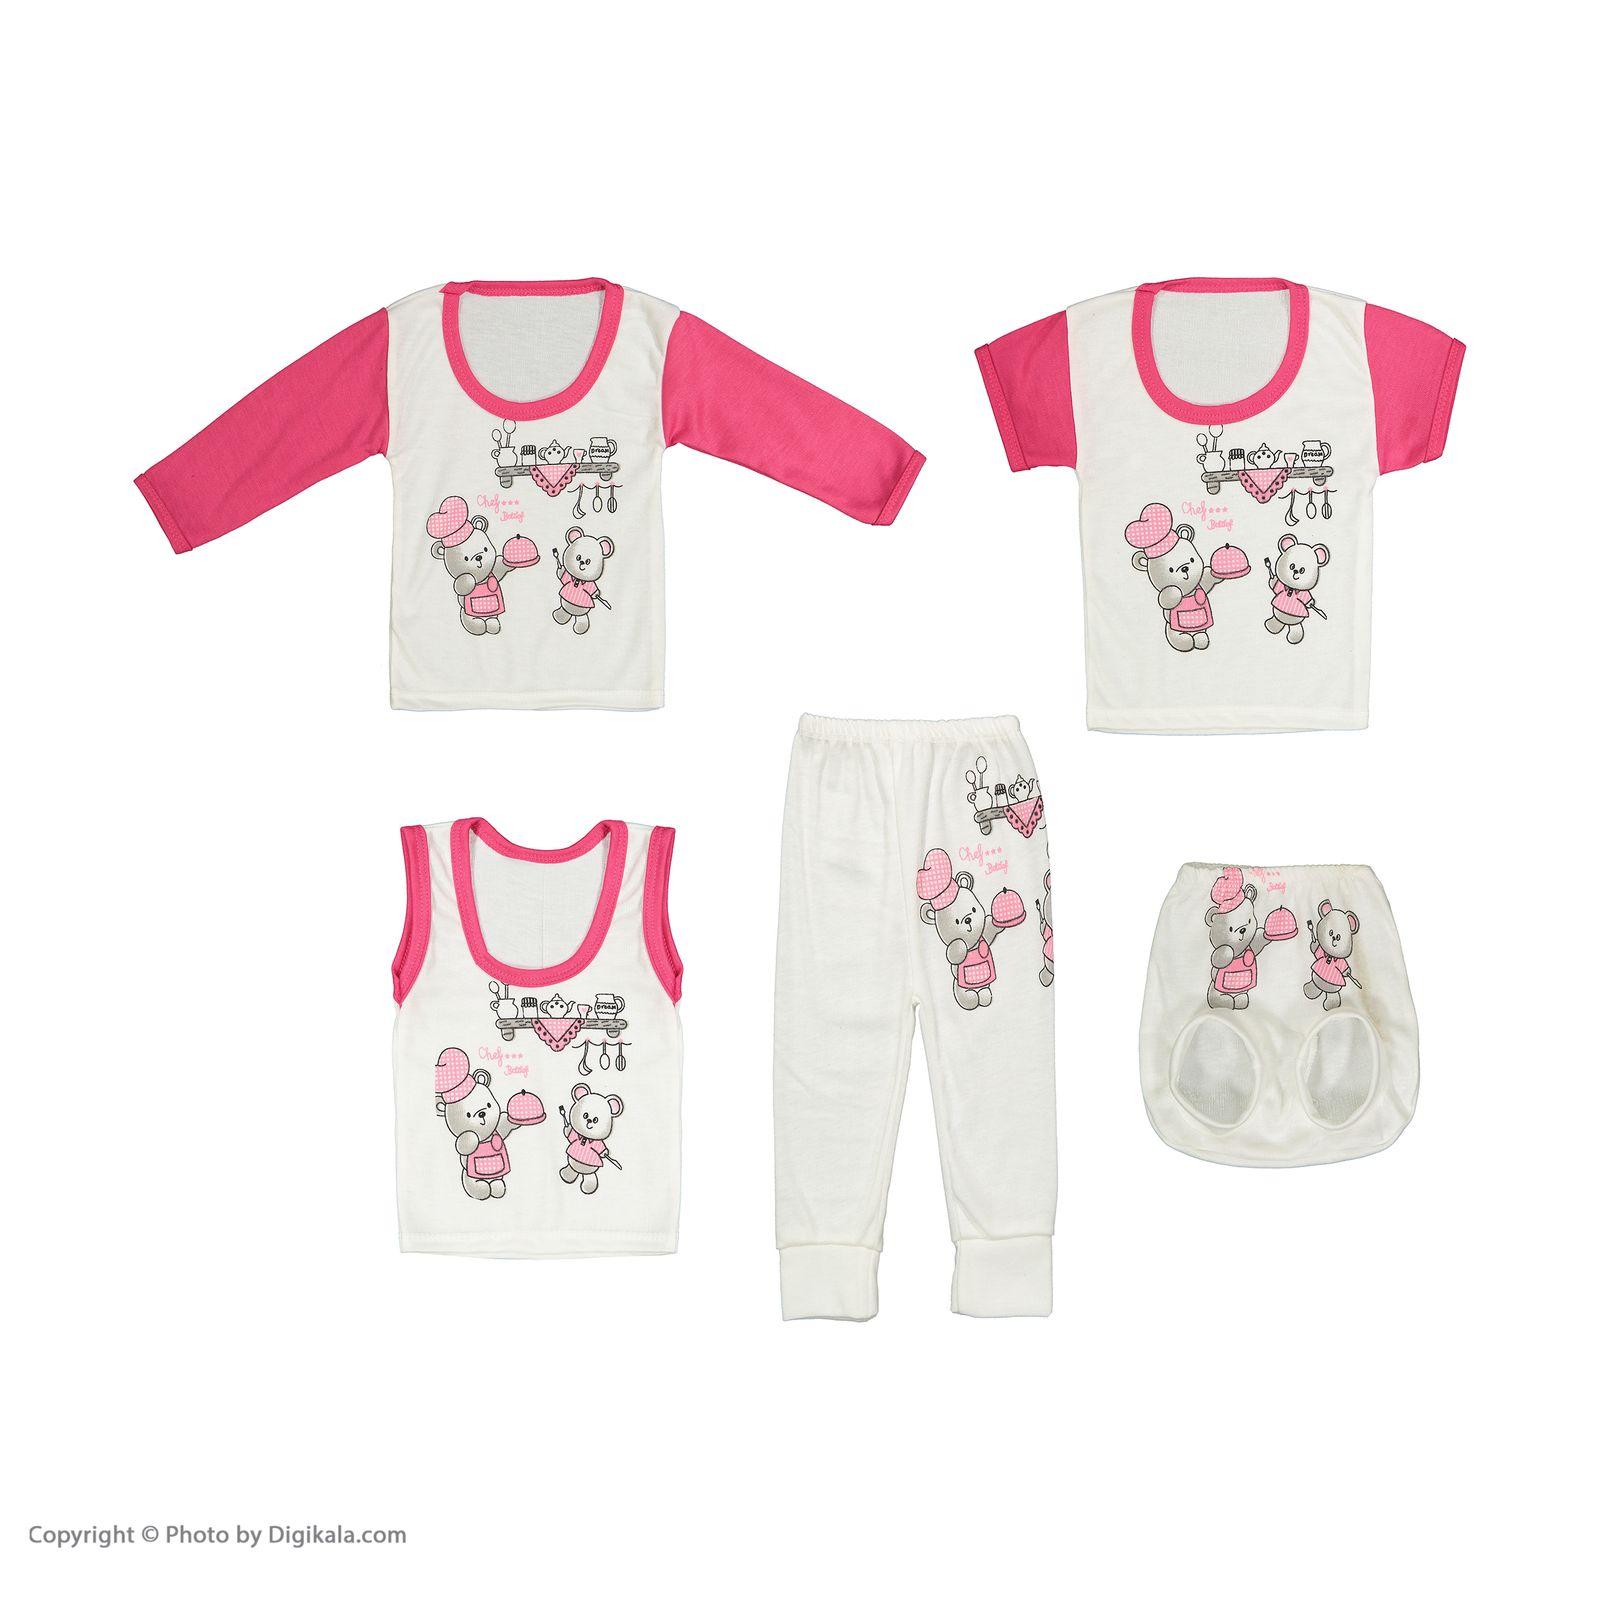 ست 5 تکه لباس نوزادی کد 17 -  - 3